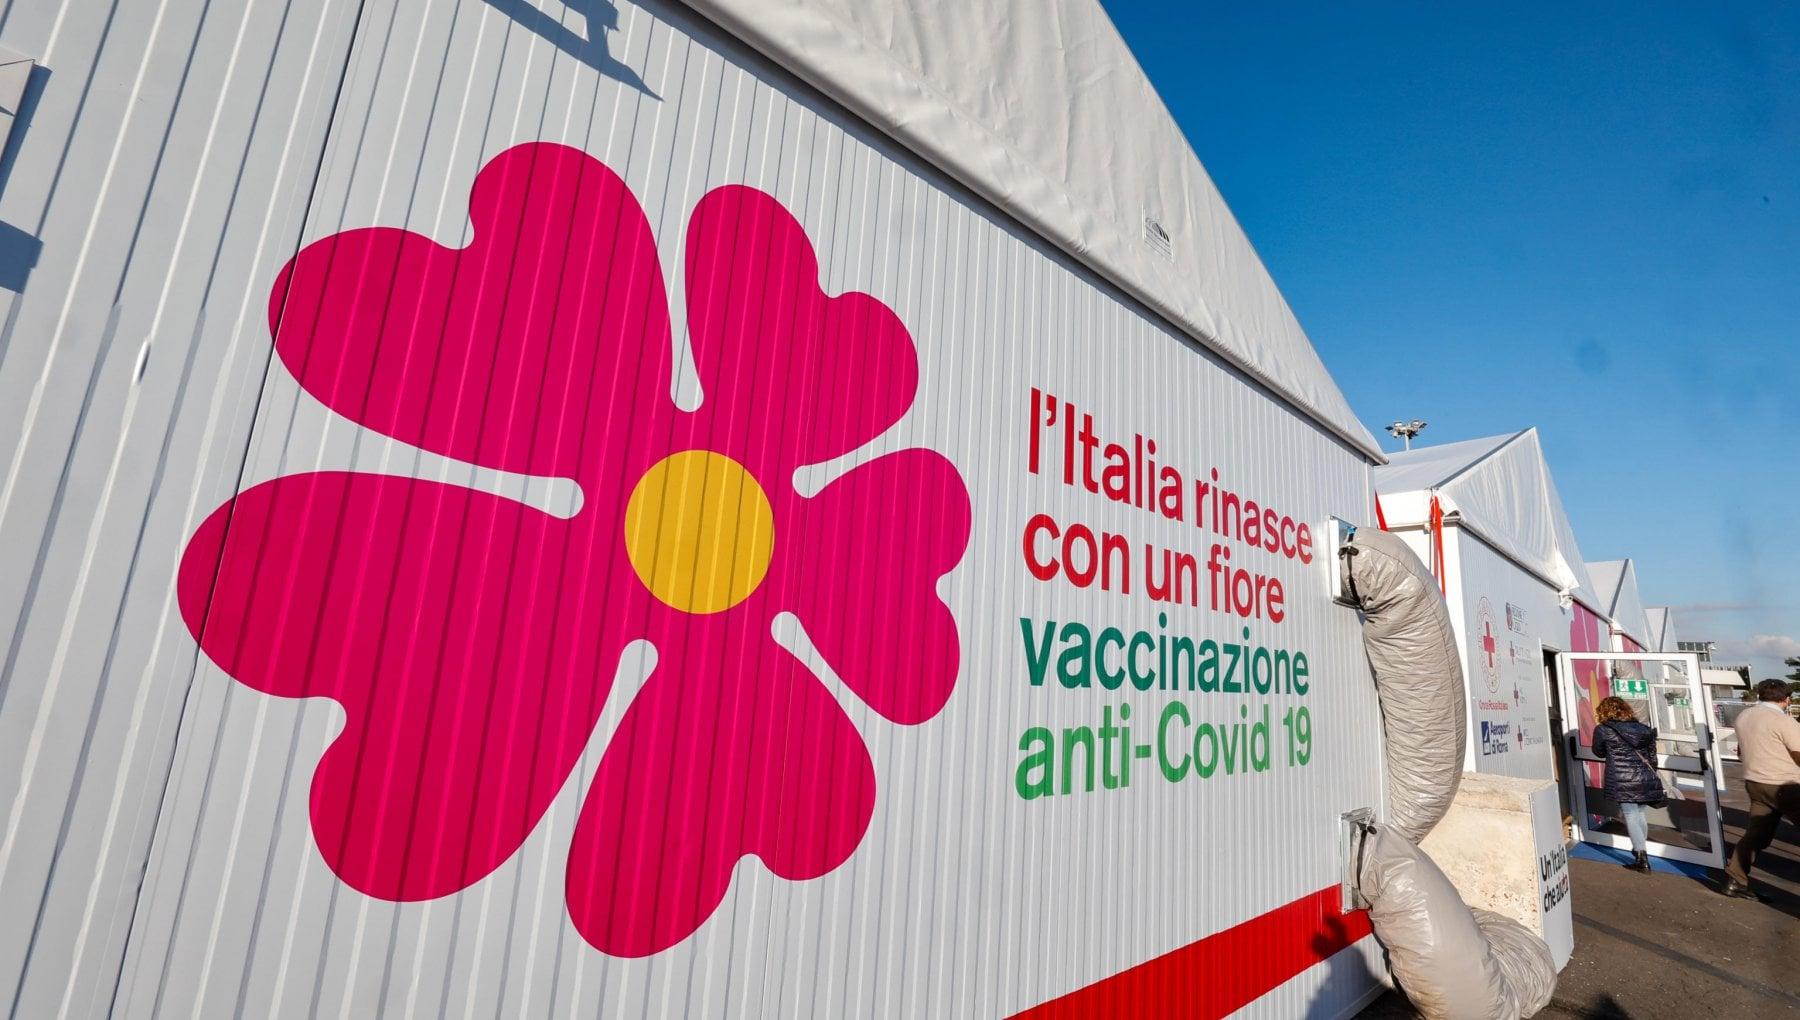 Fiumicino Padiglione Vaccinazioni 2